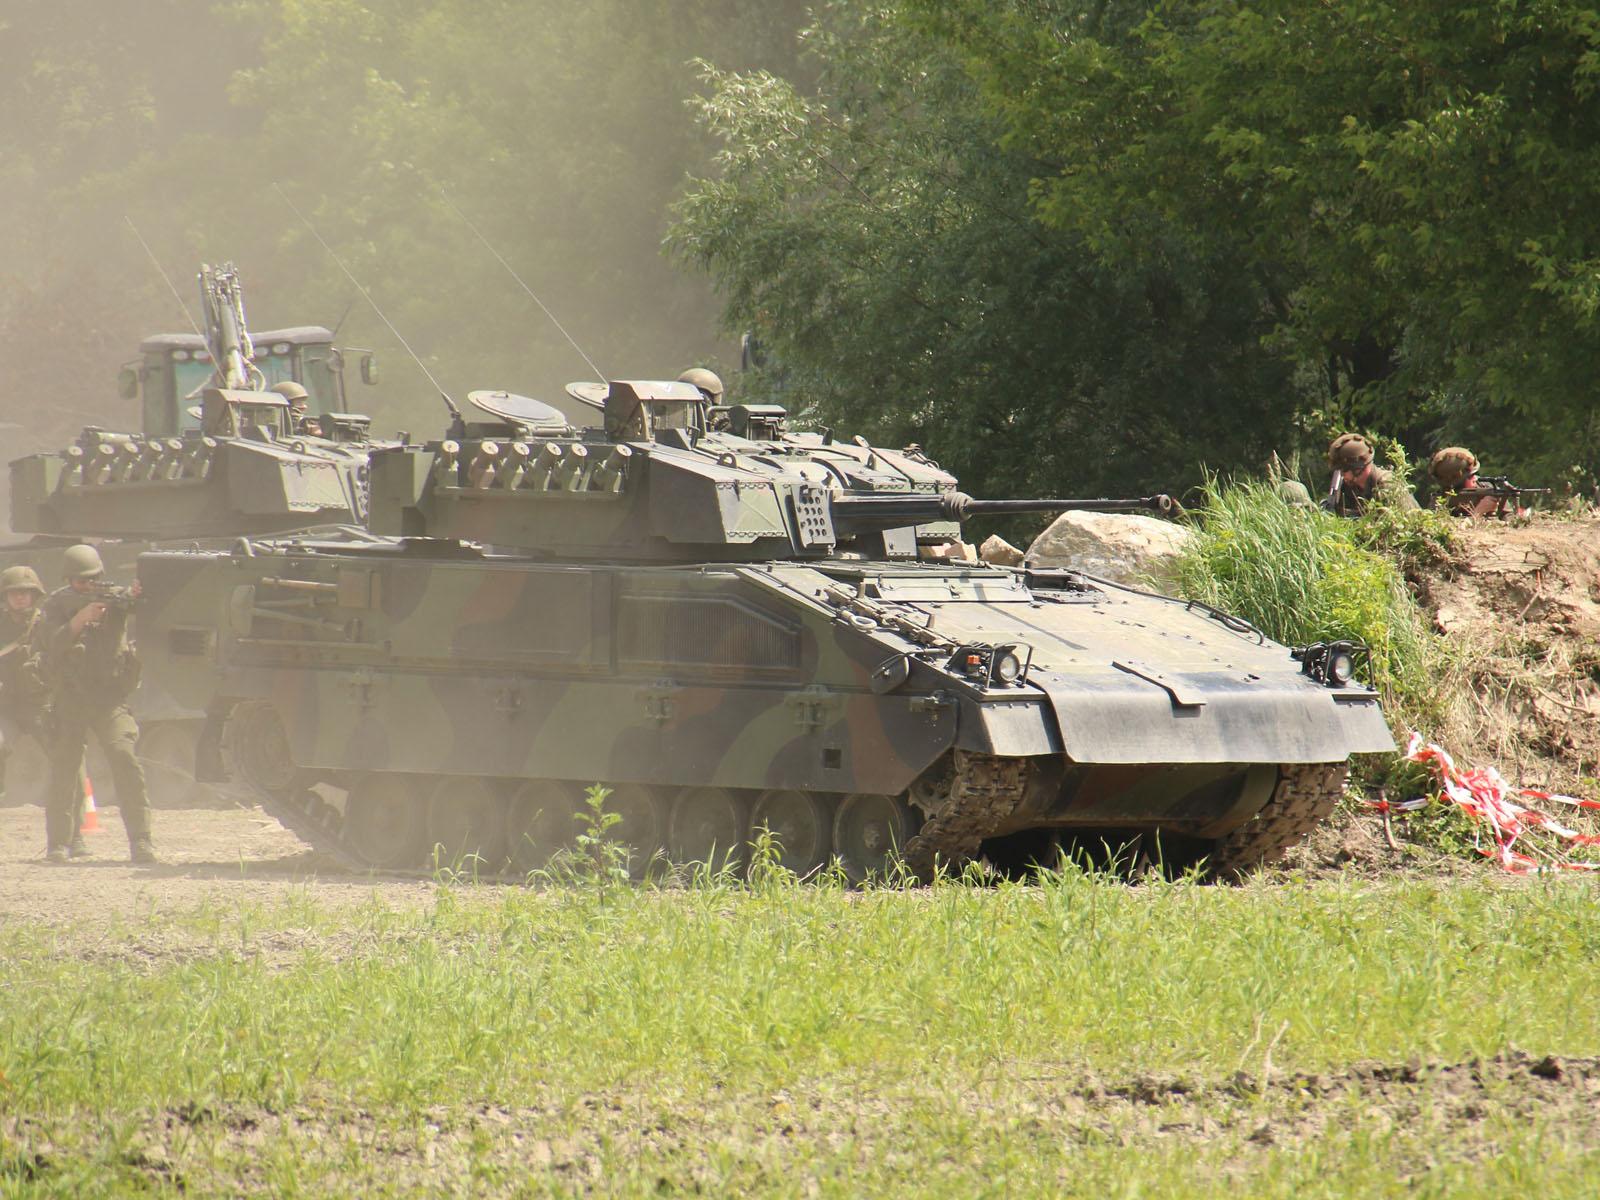 Nun greifen die Schützenpanzer Ulan in den Kampf ein © Doppeladler.com